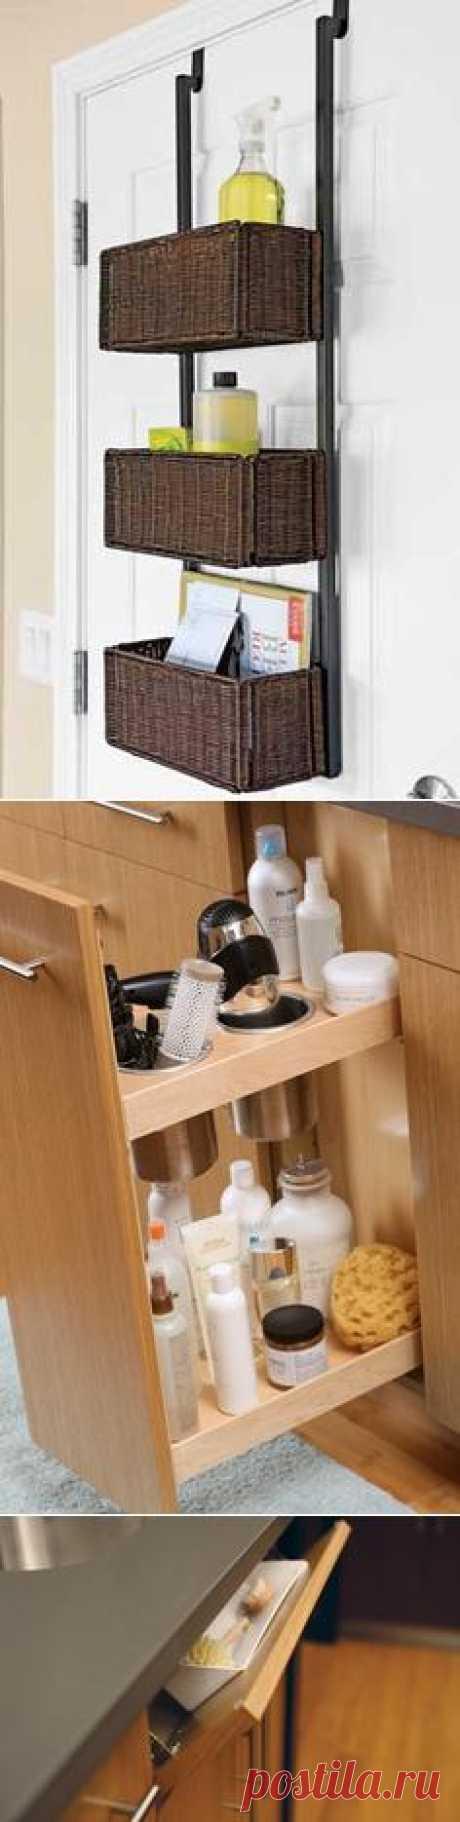 Аккуратное хранение мелочёвки - Приспособления для дома..